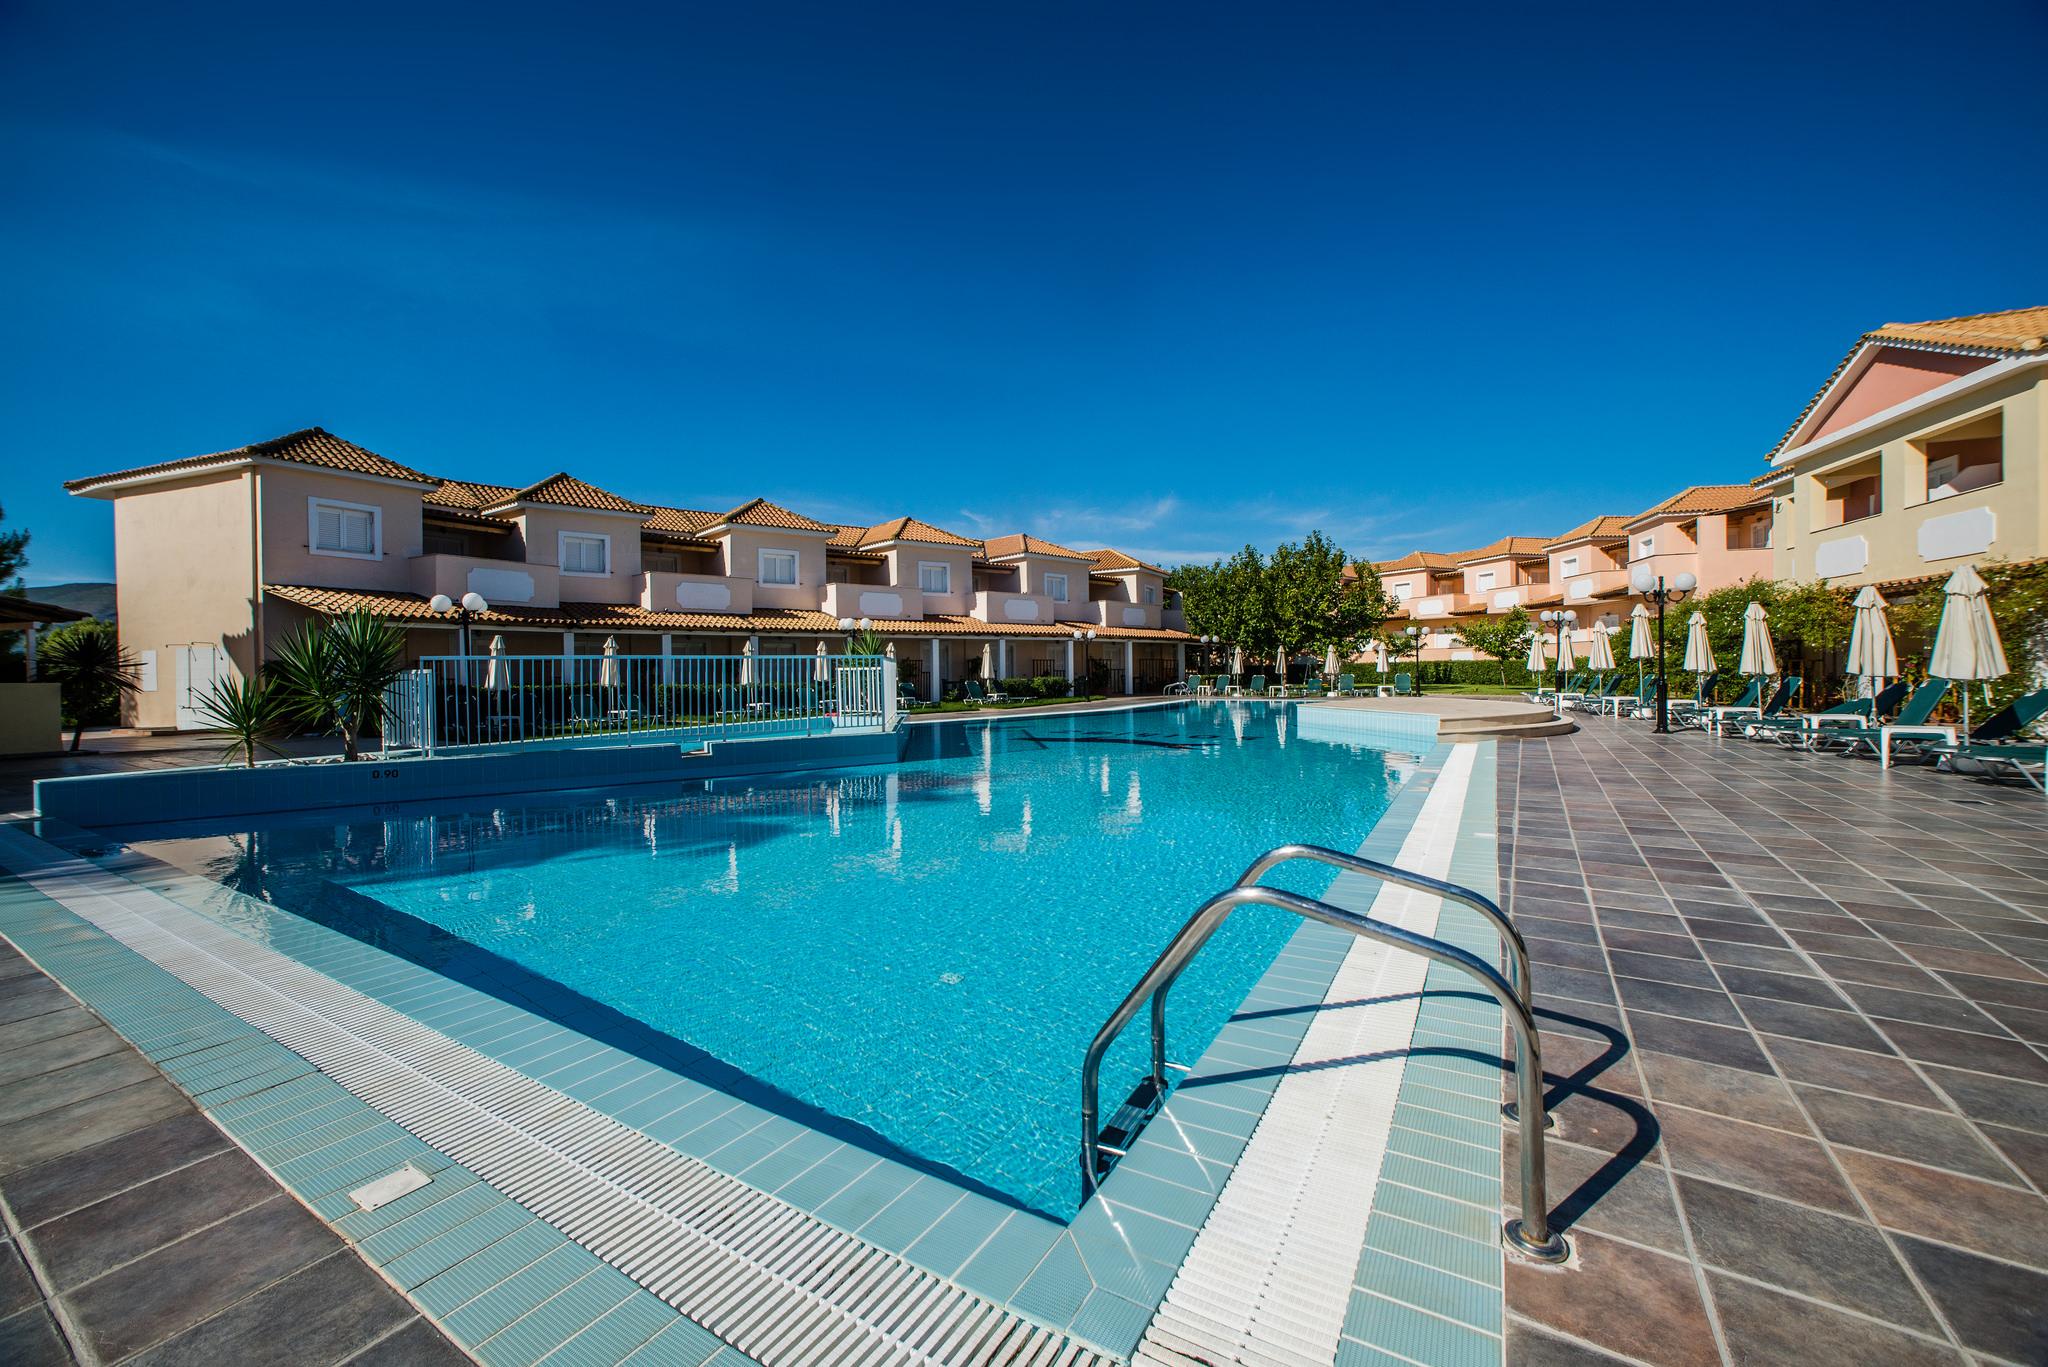 Zefyros Eco Resort Hotel – Ζακυνθος ✦ 3 Ημερες (2 Διανυκτερευσεις) ✦ 2 Άτομα ΚΑΙ ενα Παιδι εως 3 ετων ✦ Πρωινο ✦ 01/08/2018 εως 31/08/2018 ✦ Free WiFi!